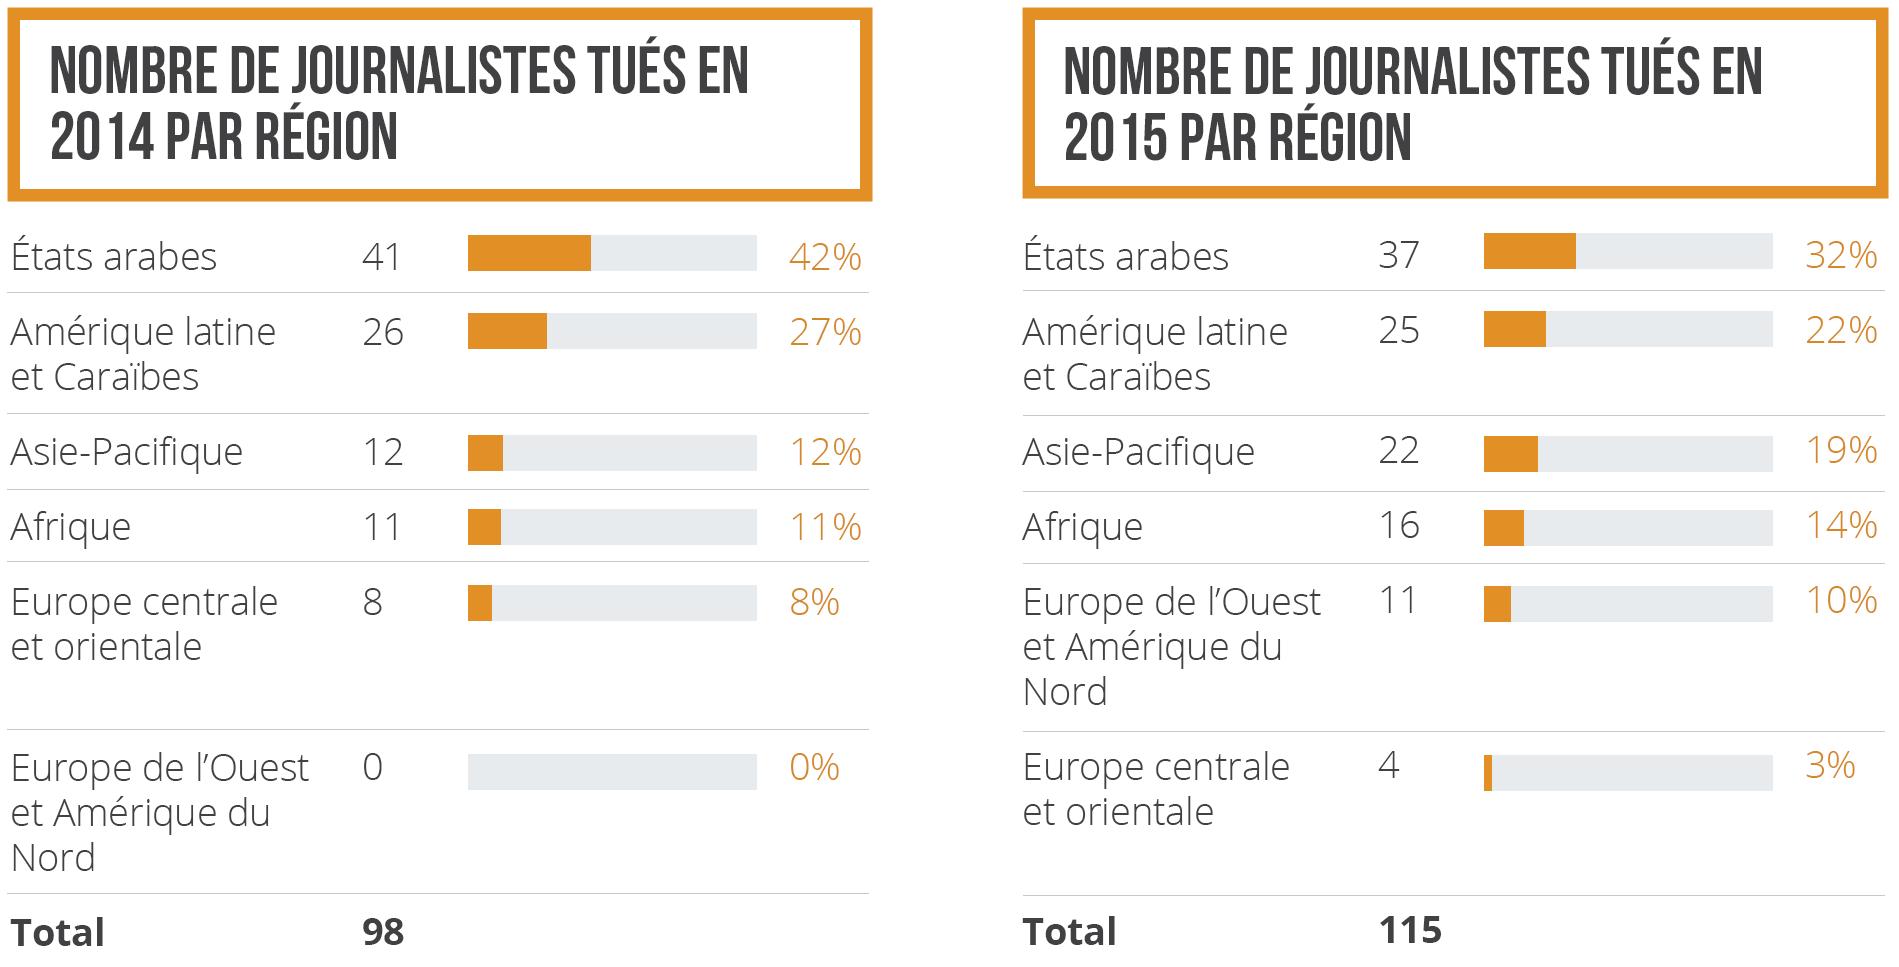 Nombre de journalistes tués par région 2014-2015